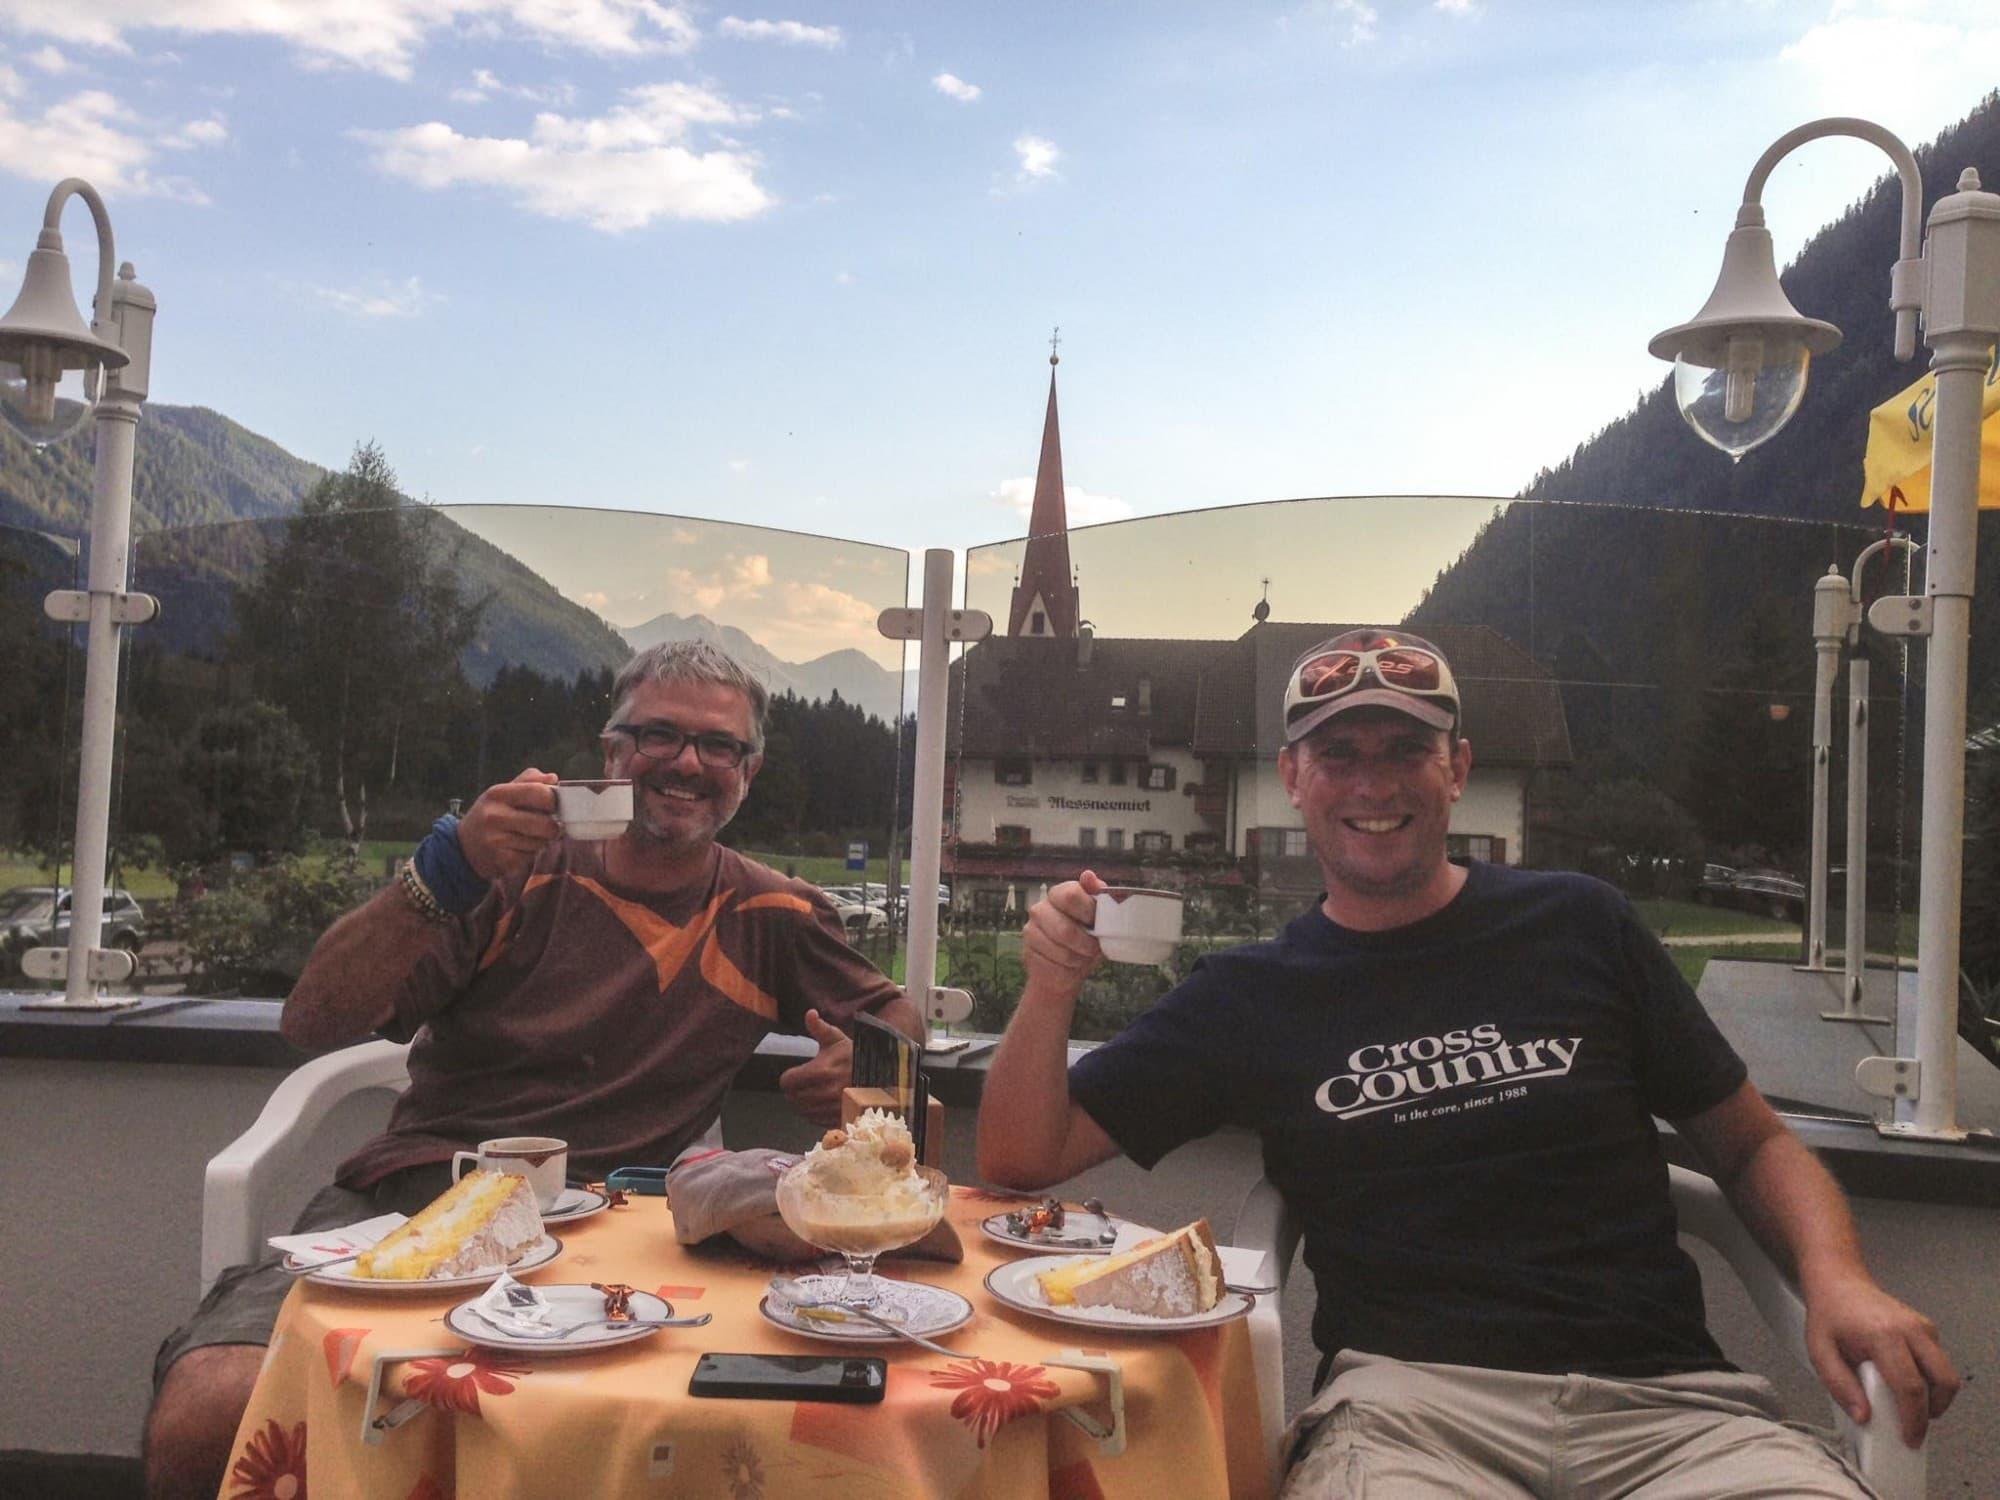 Mi_39: die Vereinskumpanen Bernd Humpl und Werner Luidolt beim genüsslichen Verfolgen des Livetrackings